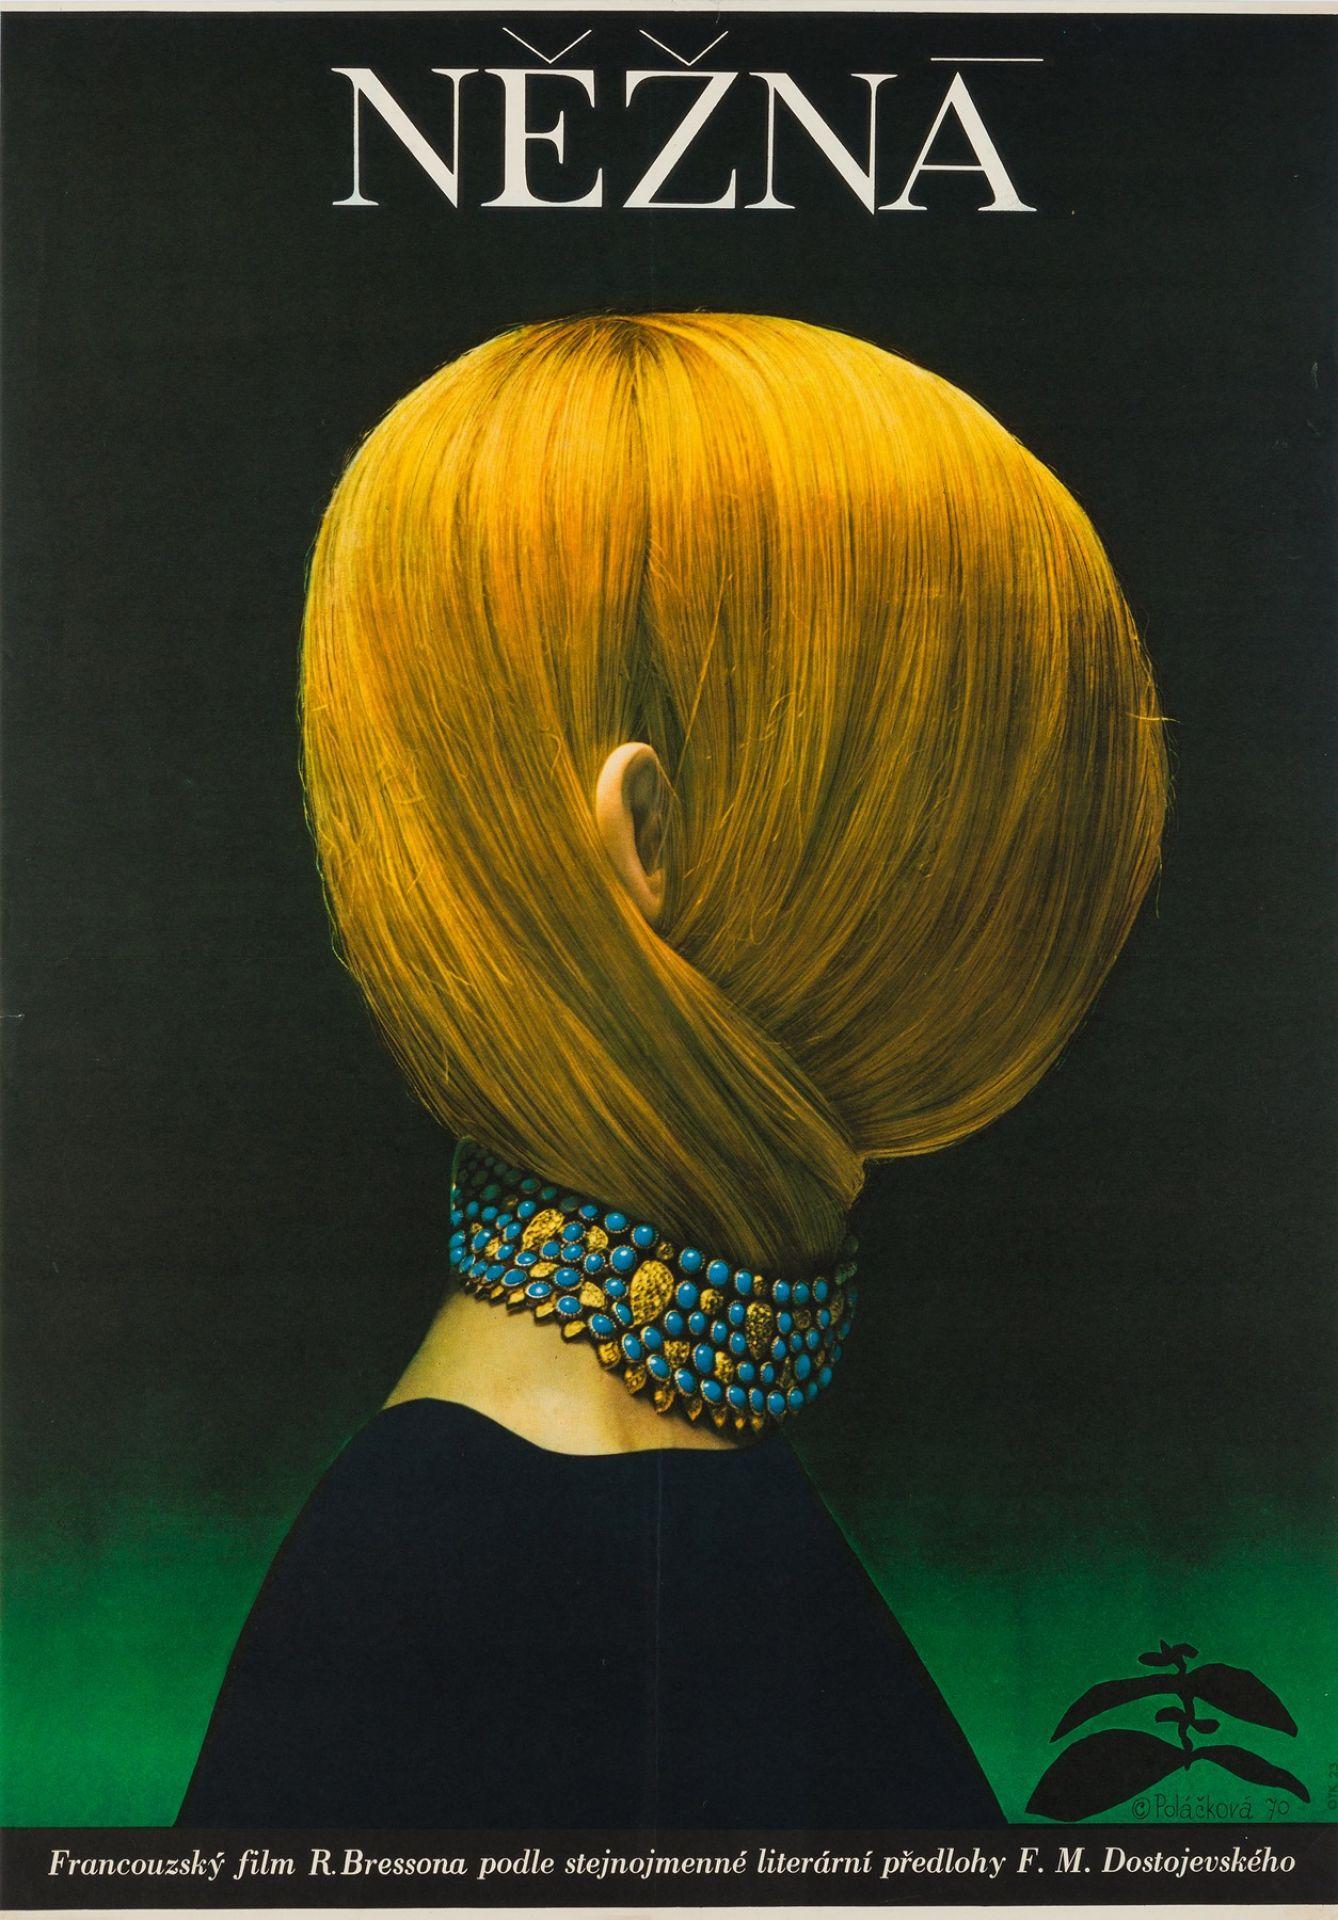 Original Une Femme Douce 1970 Czech Film Movie Poster, Olga Poláčková-Vyleťalová